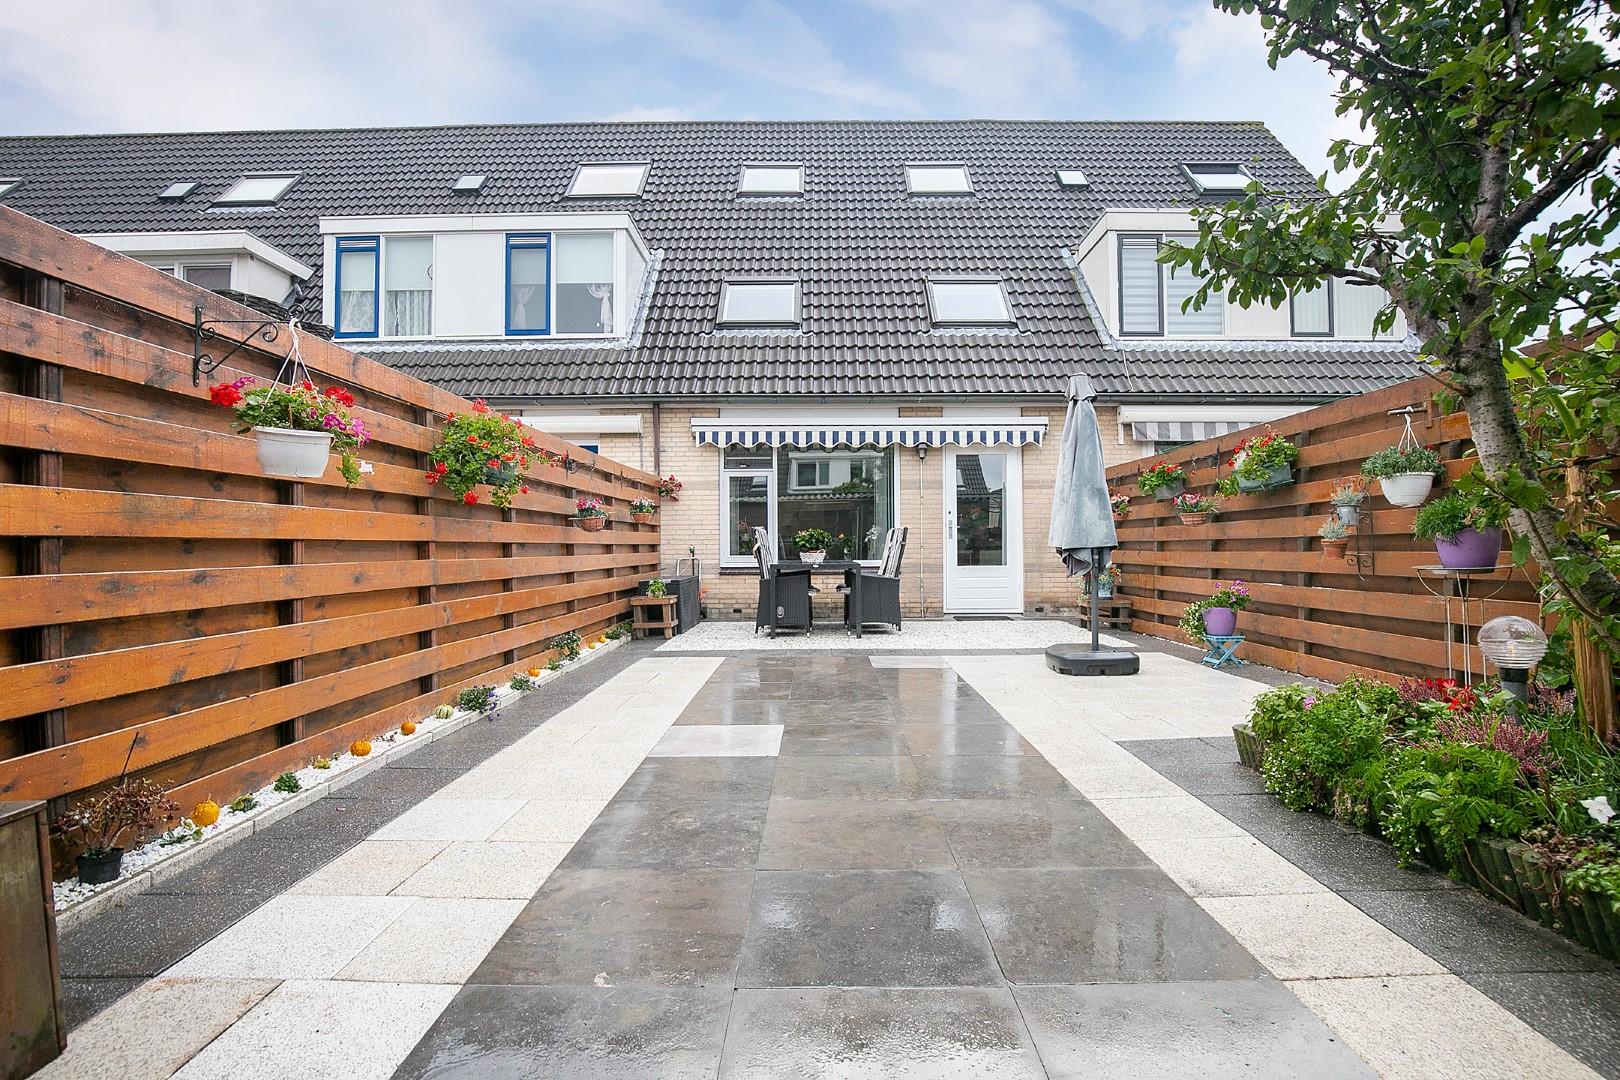 Eengezinswoning in Nootdorp (103 m2) met zonnige tuin, 4 slaapkamers en eigen oprit voor 2 auto's